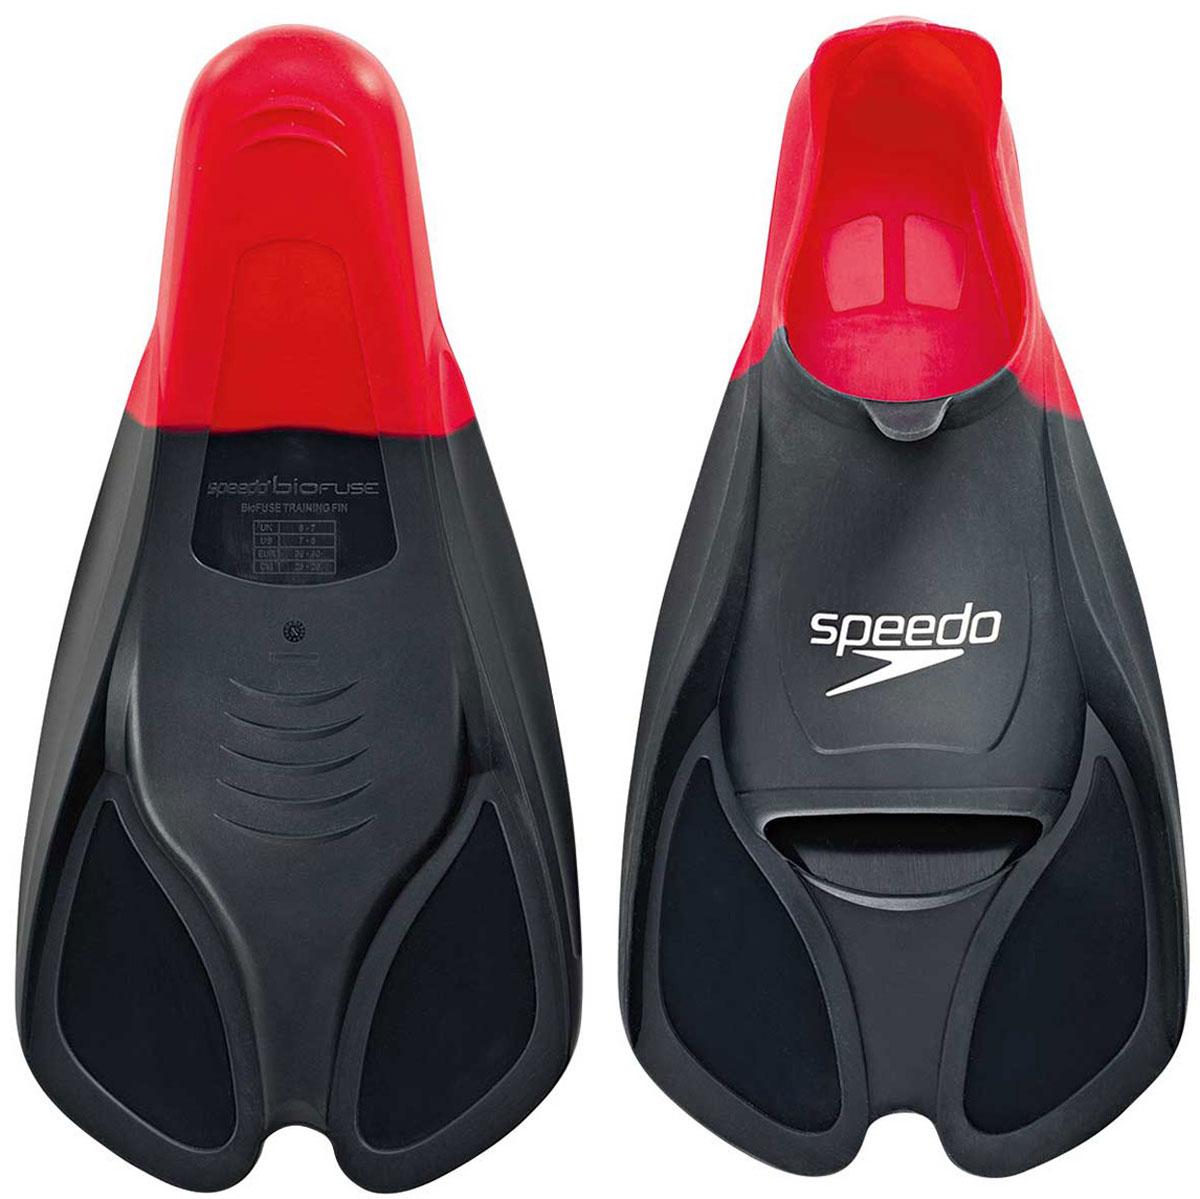 Ласты для плавания Speedo, цвет: красный. Размер 11-12. 8-088413991